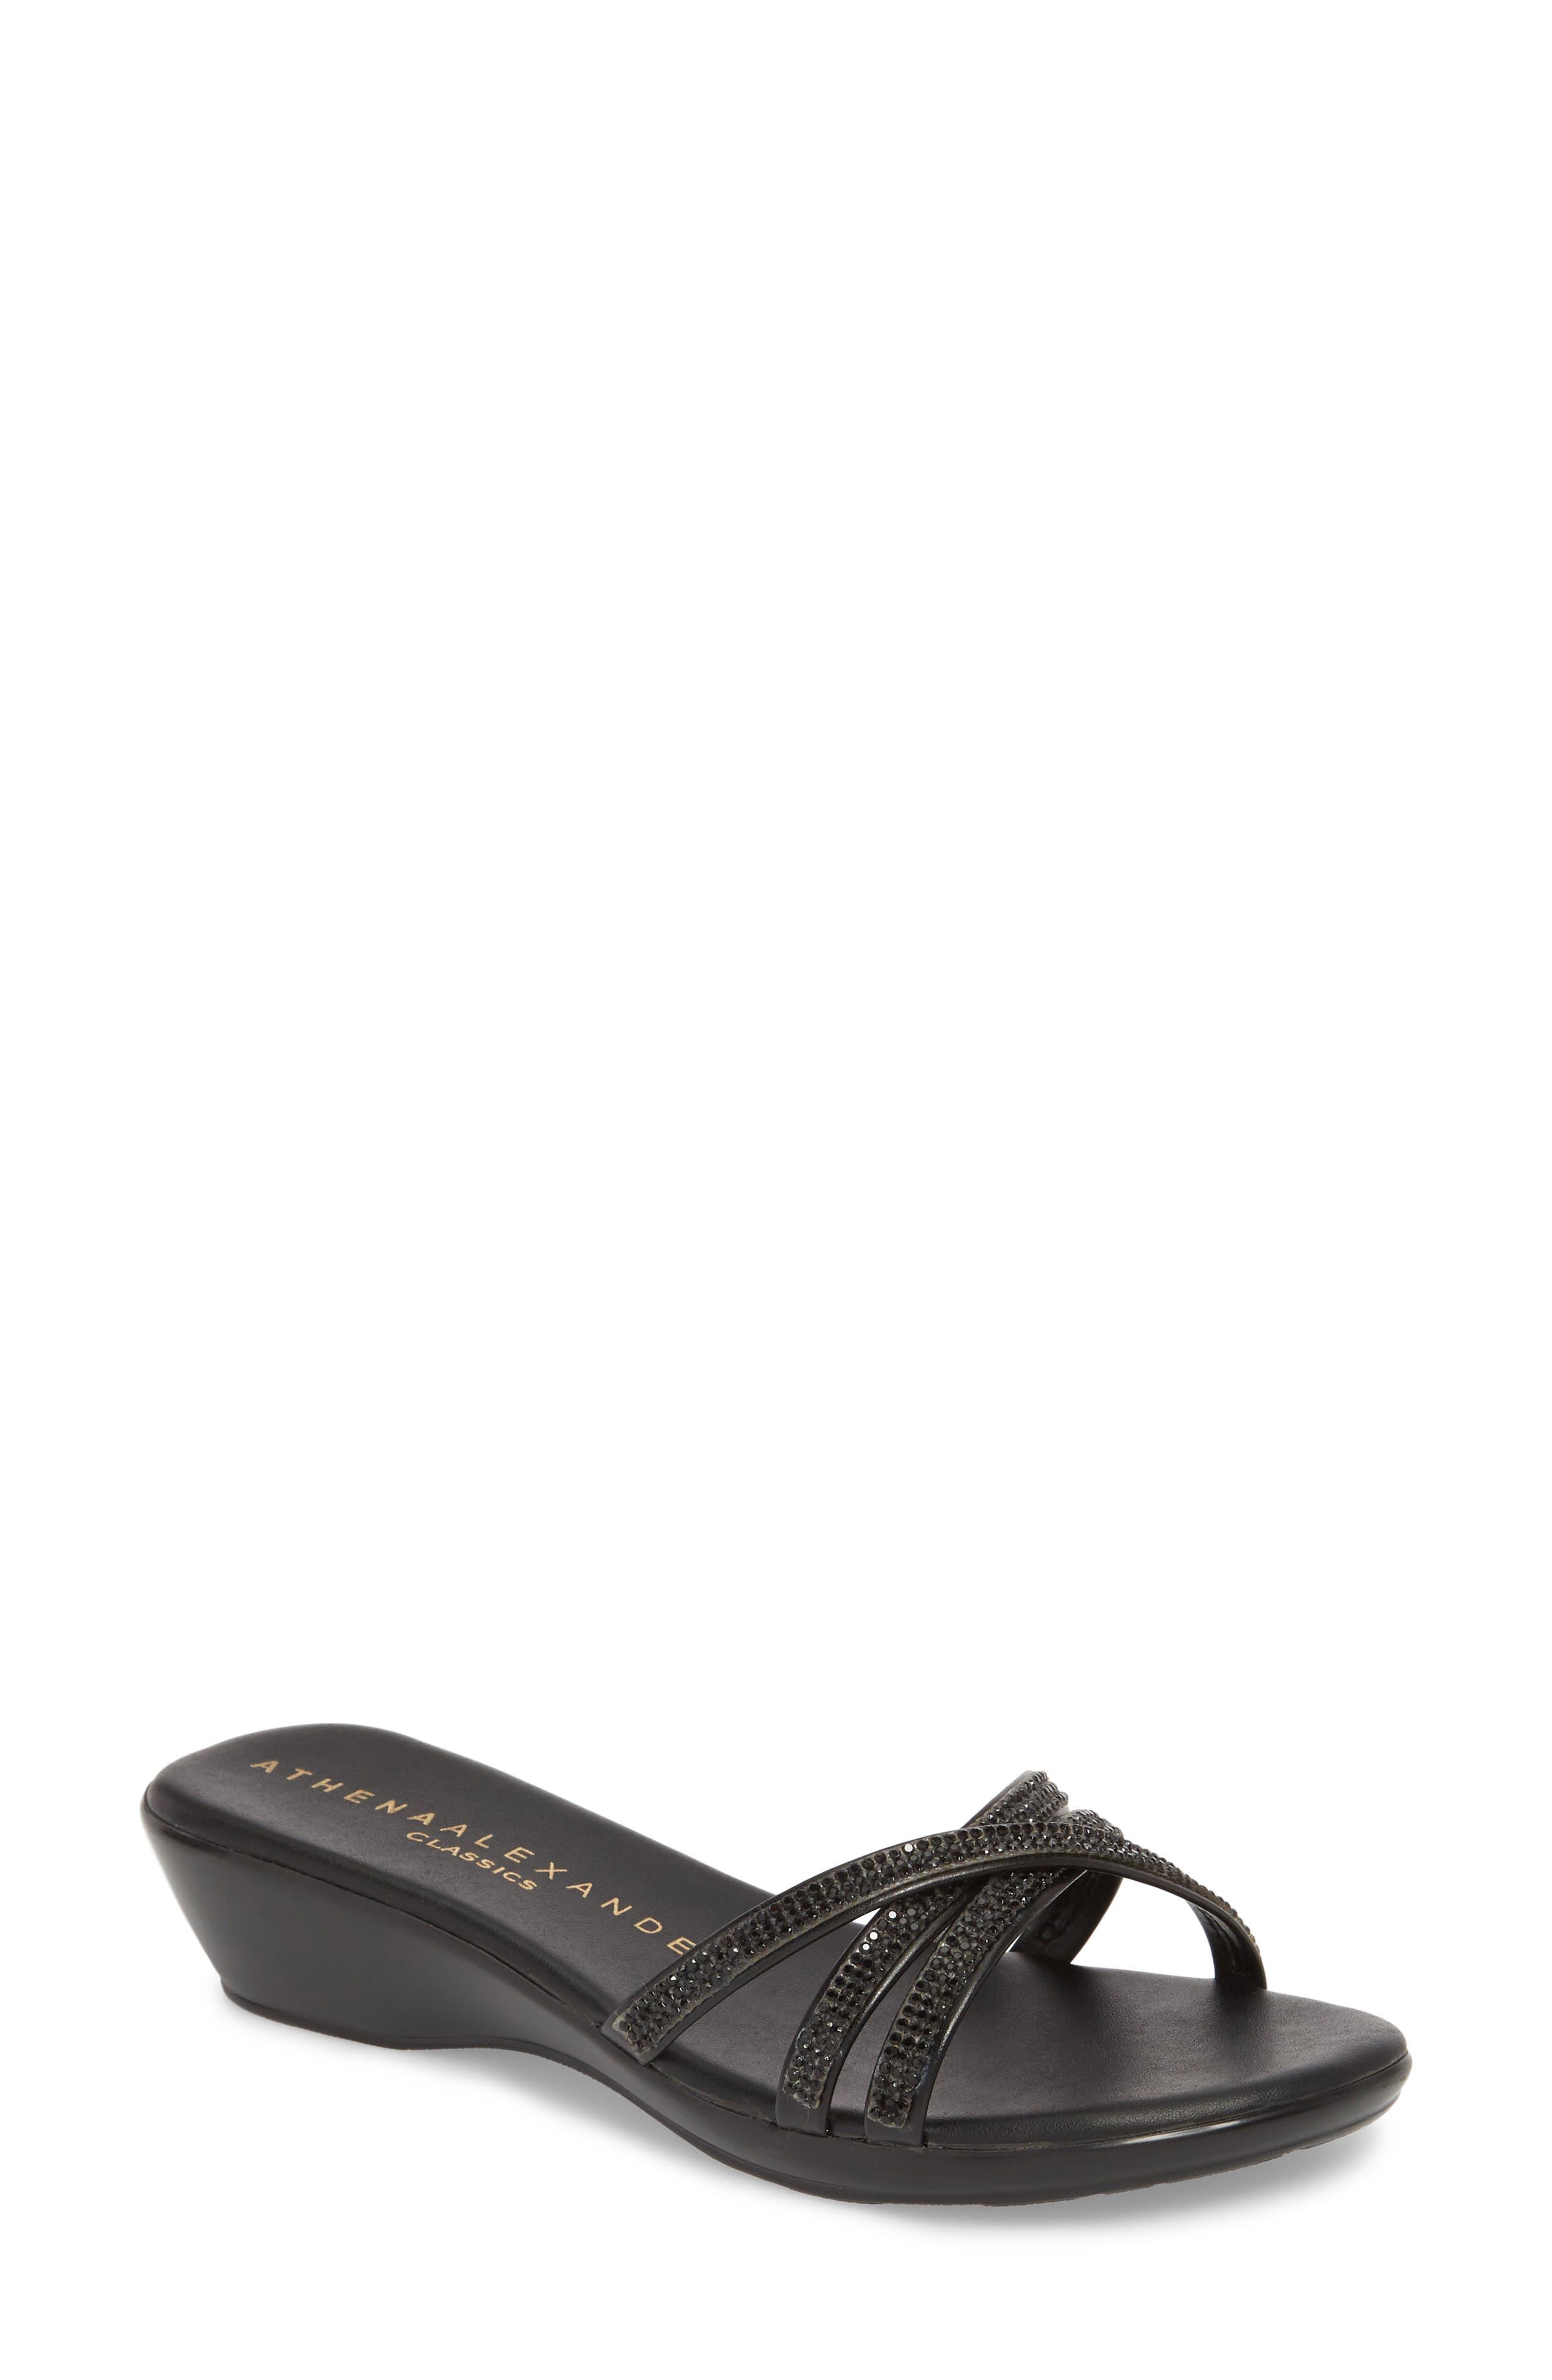 Athena Alexander Harlow Slide Sandal